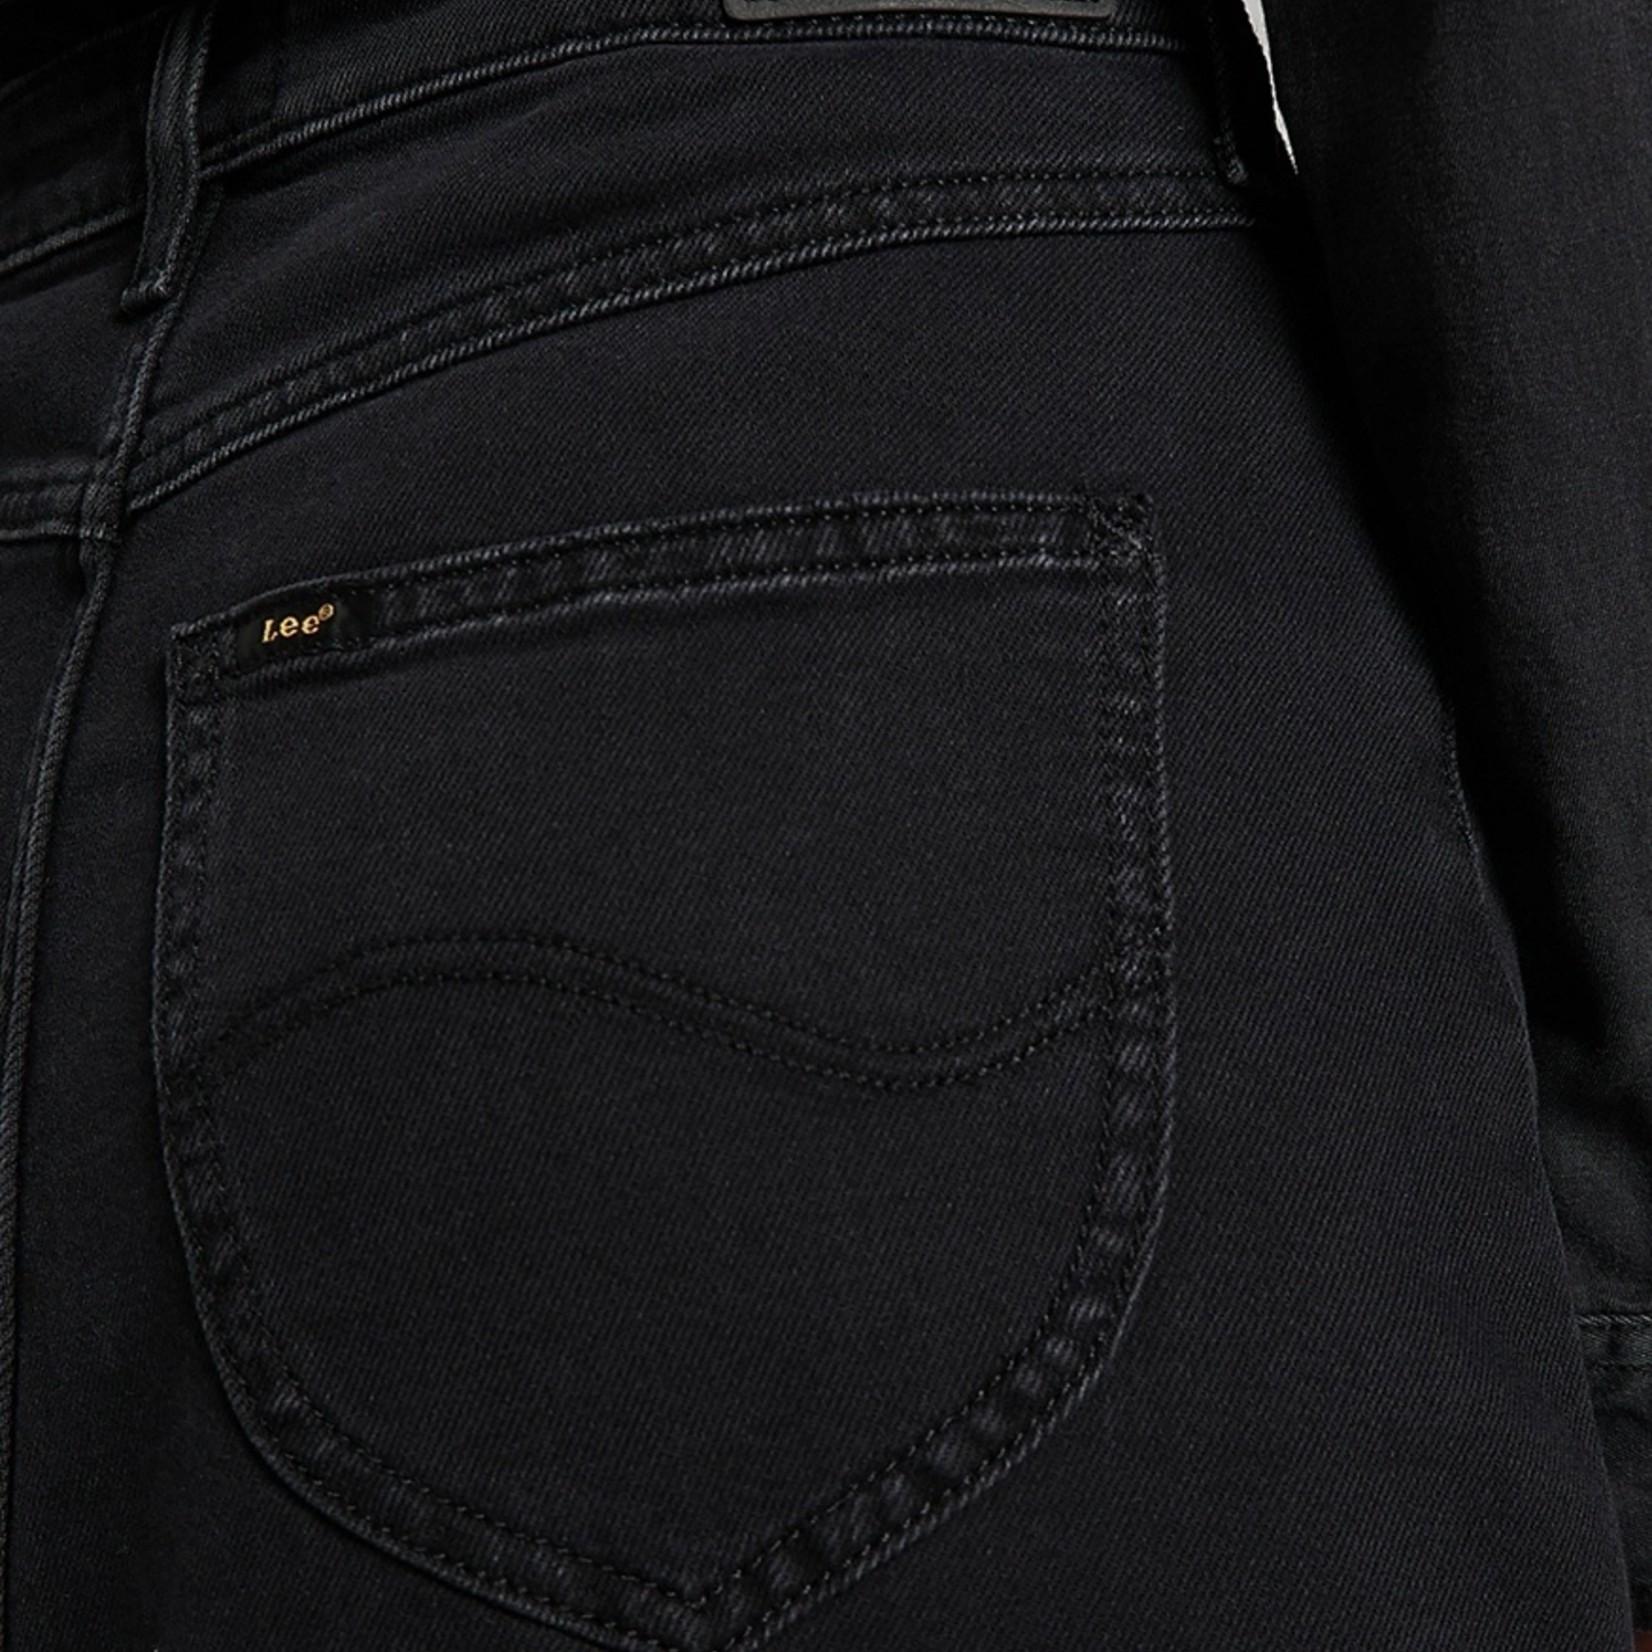 LEE ULTRA LONG SPLIT SKIRT, lange jeans rok